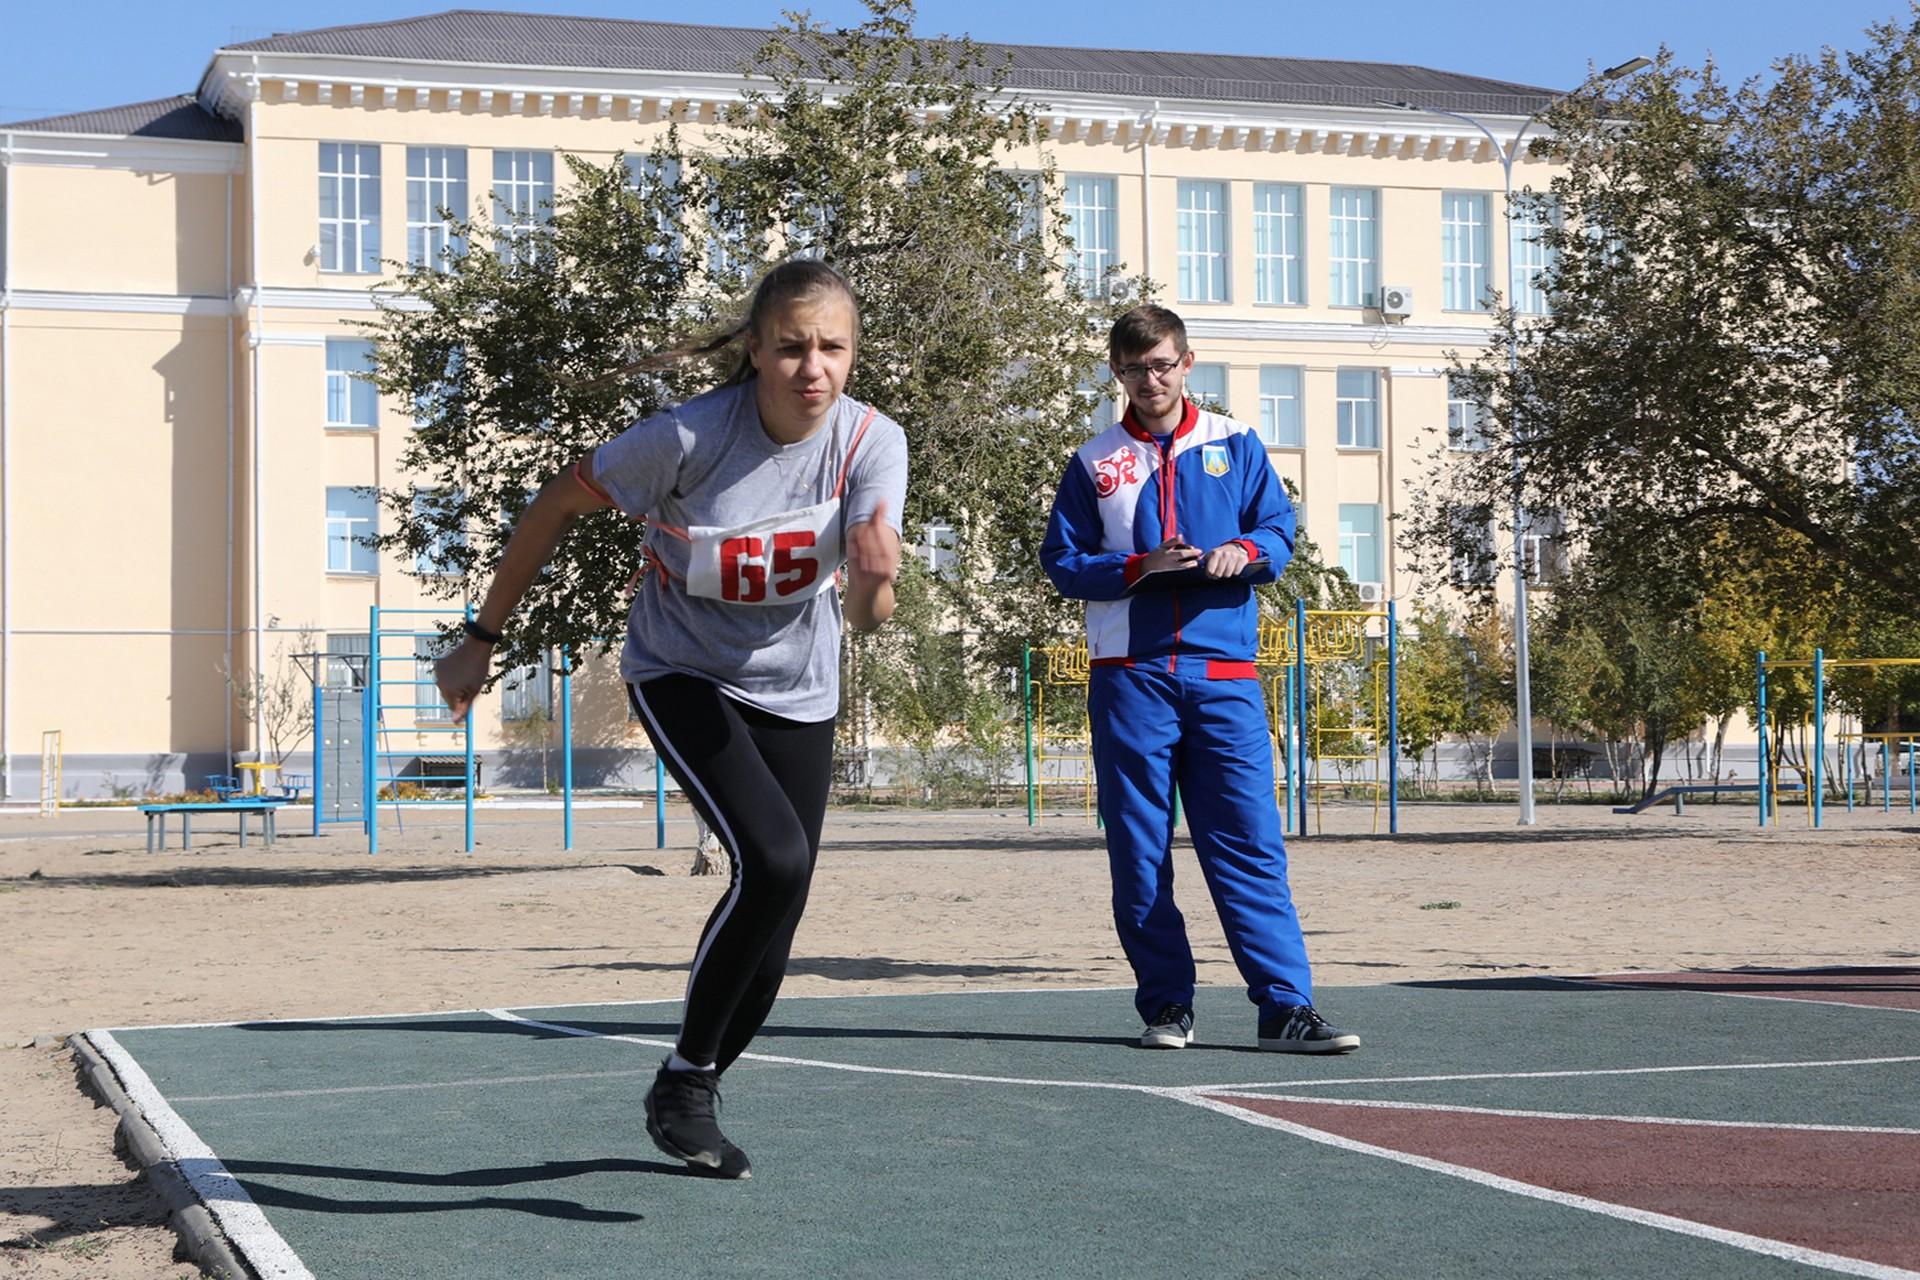 В минувшую субботу учащиеся средней школы №1 сдавали нормативы ГТО